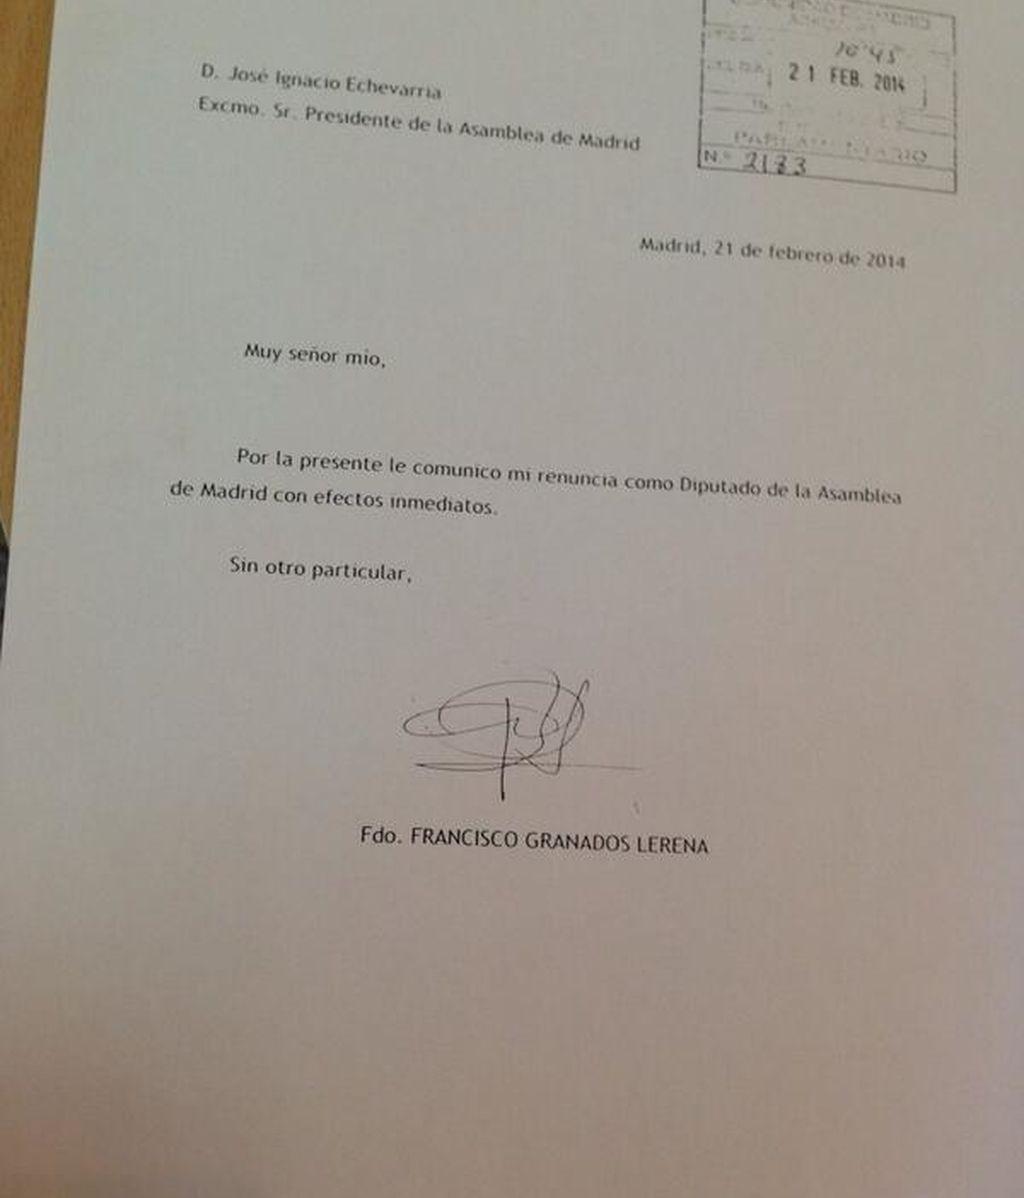 Francisco Granados presenta su renuncia